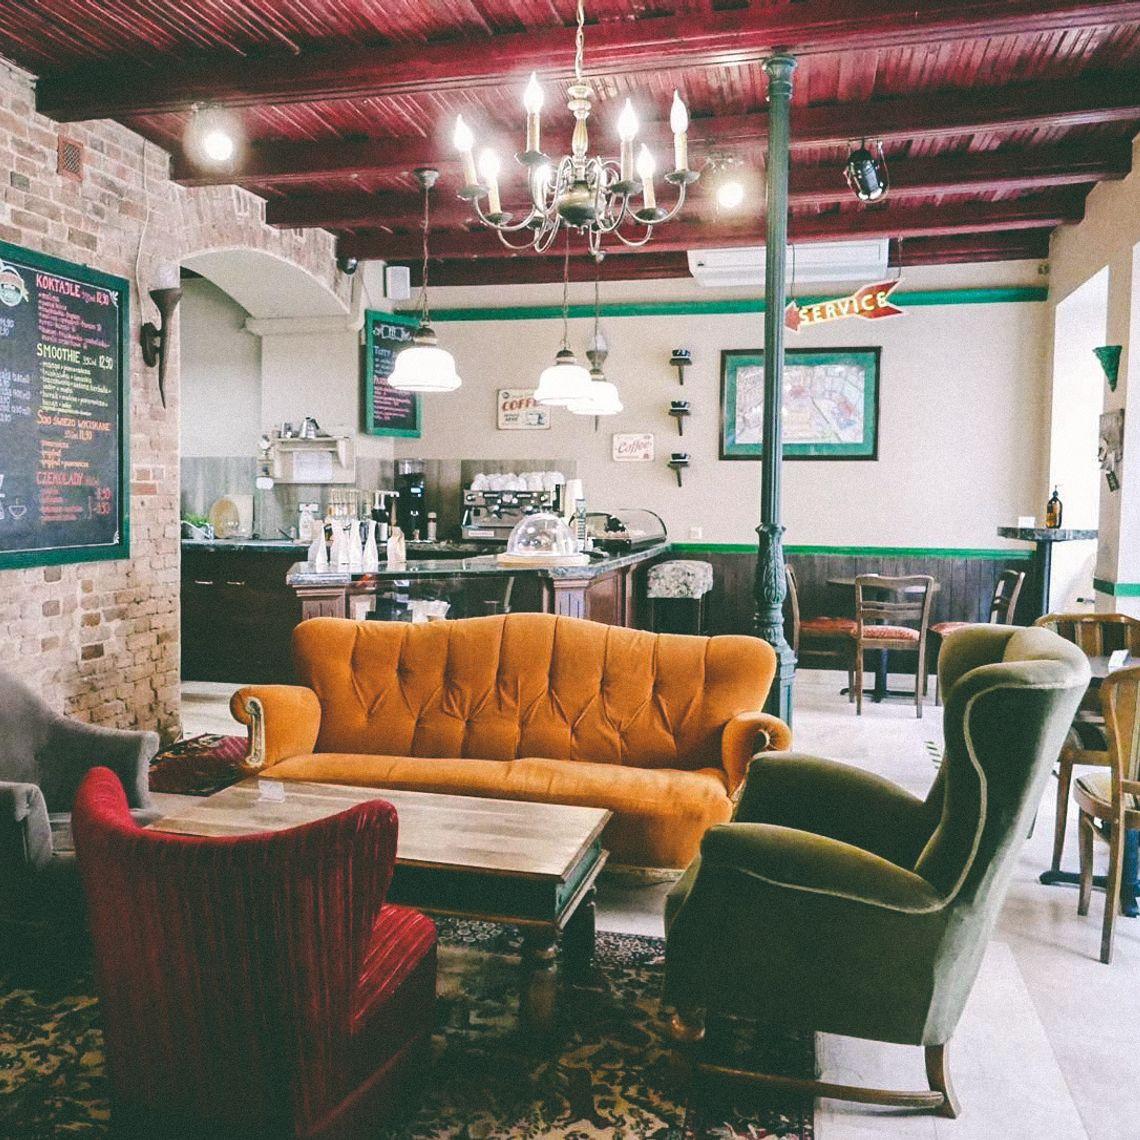 Obrazek - Top 5 kawiarni speciality w Toruniu